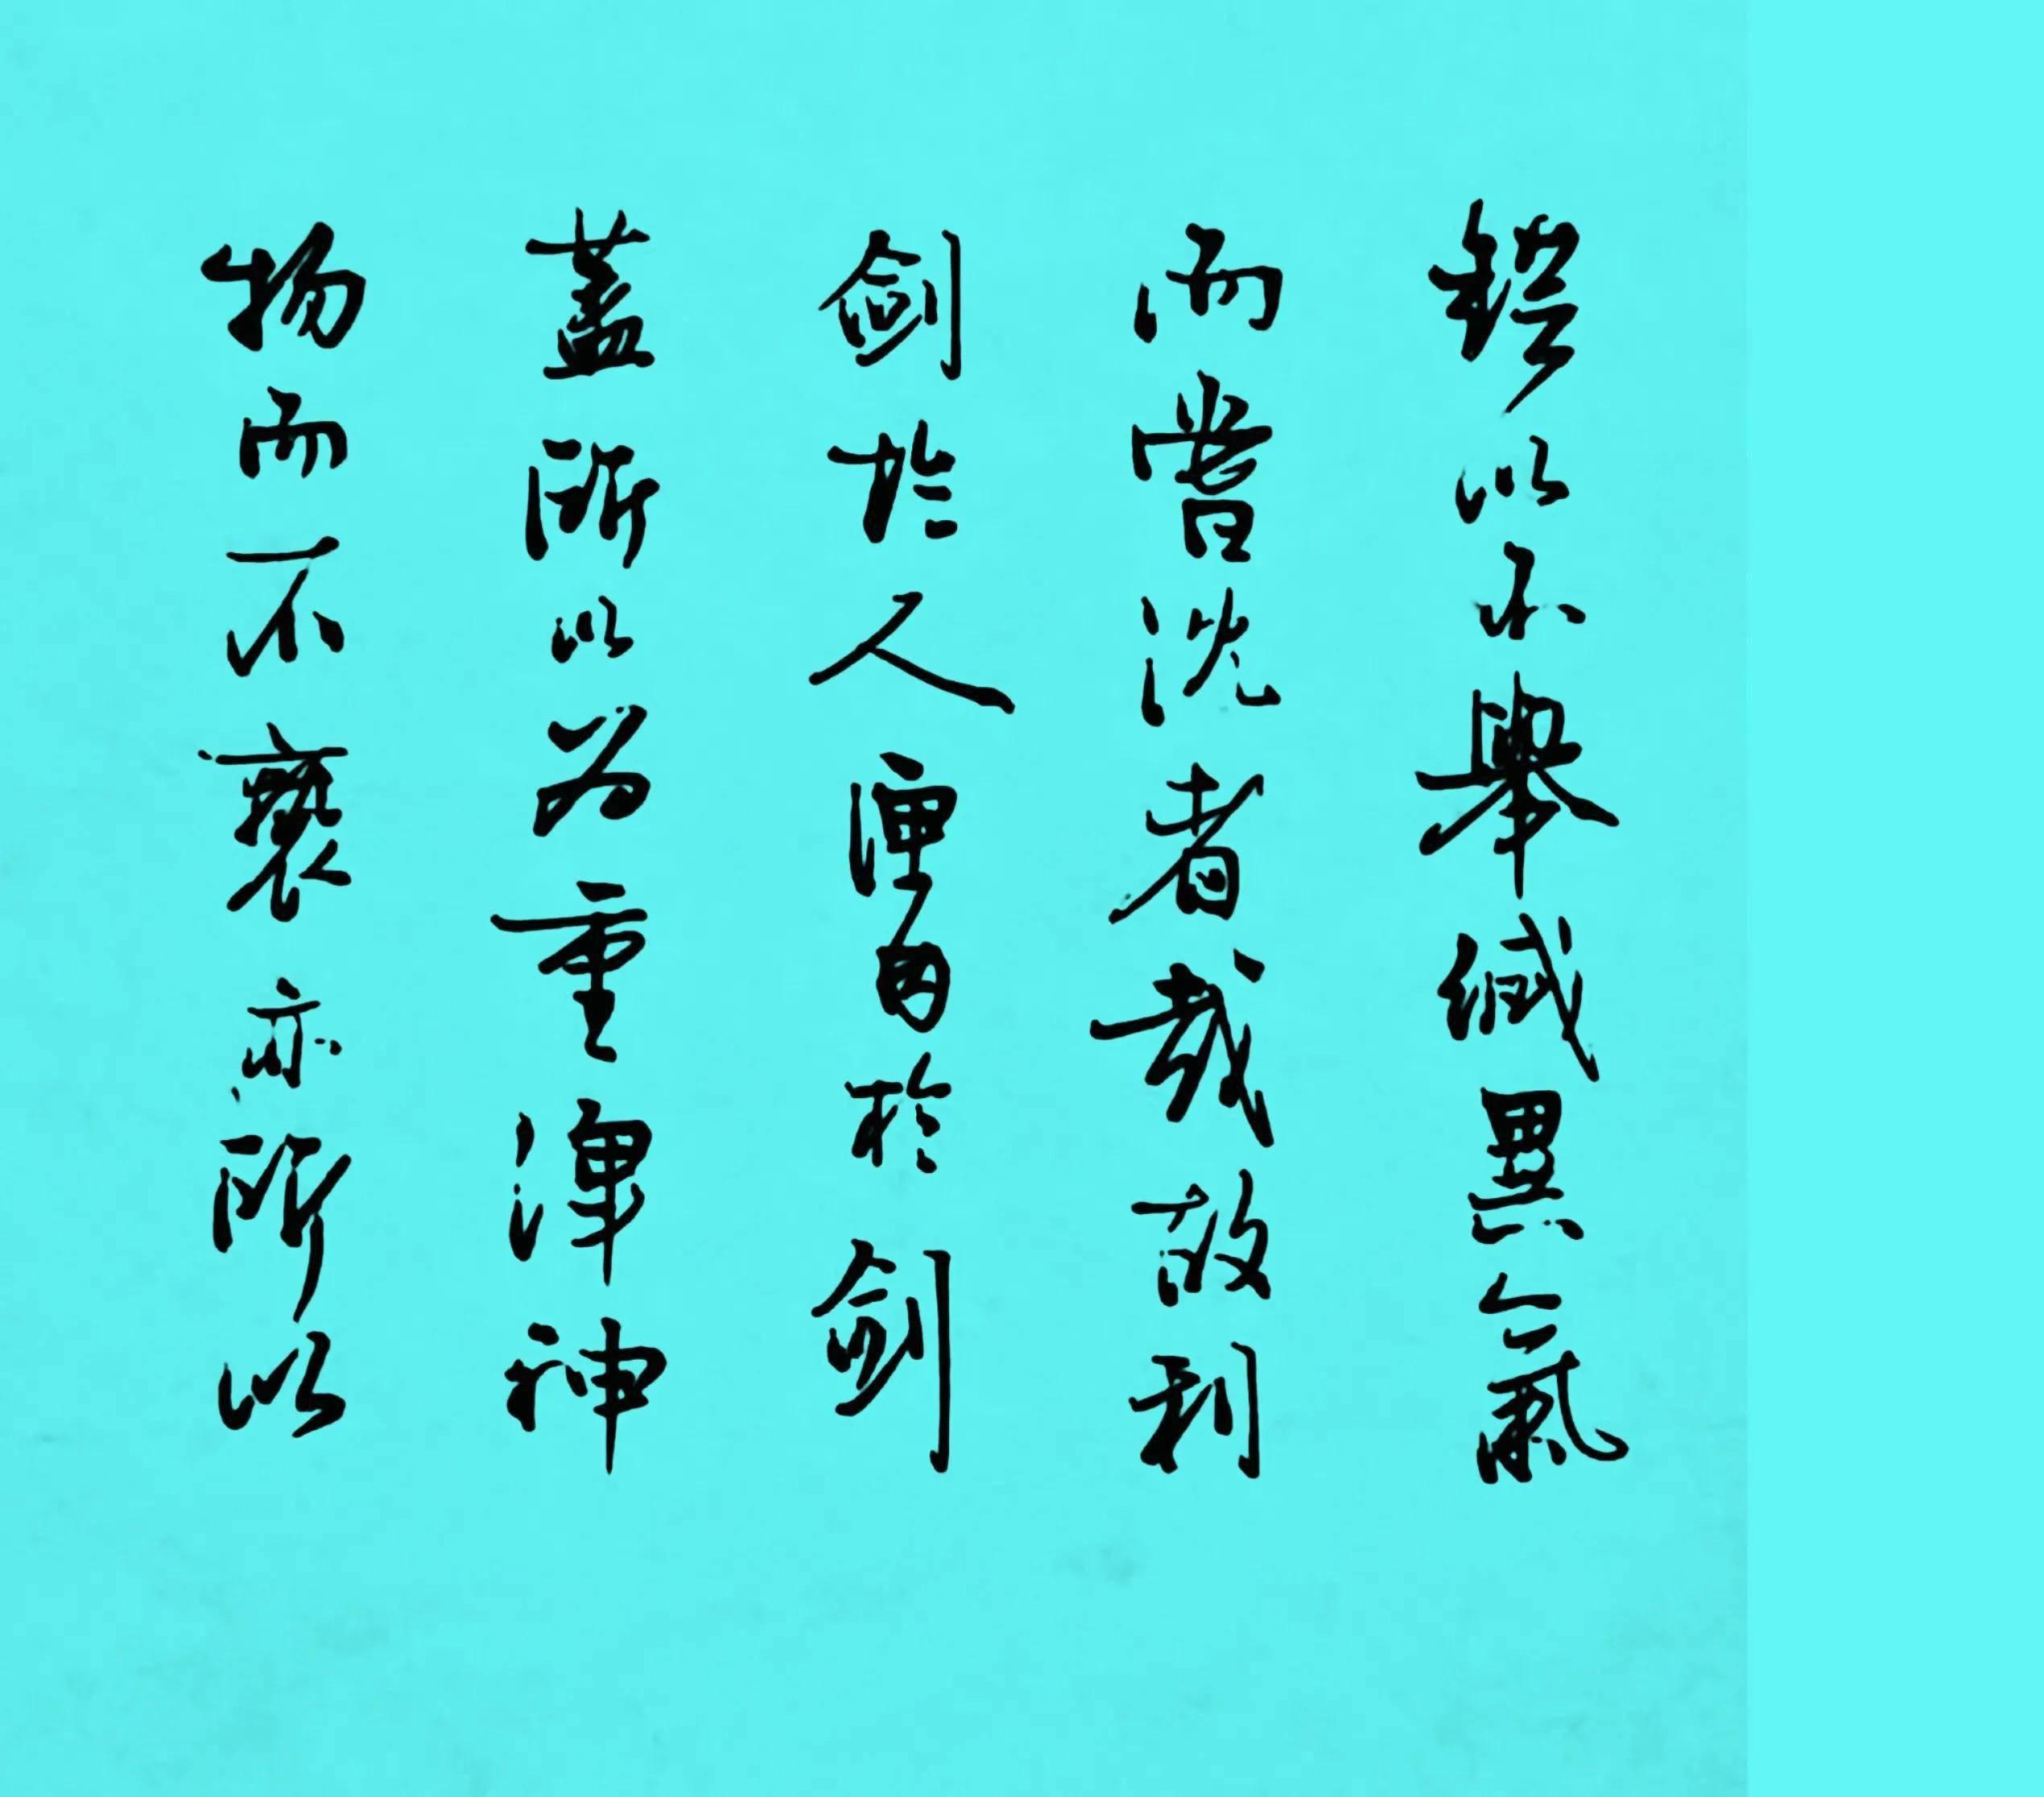 乌凤和赤莲原文 乌凤和赤莲主要内容